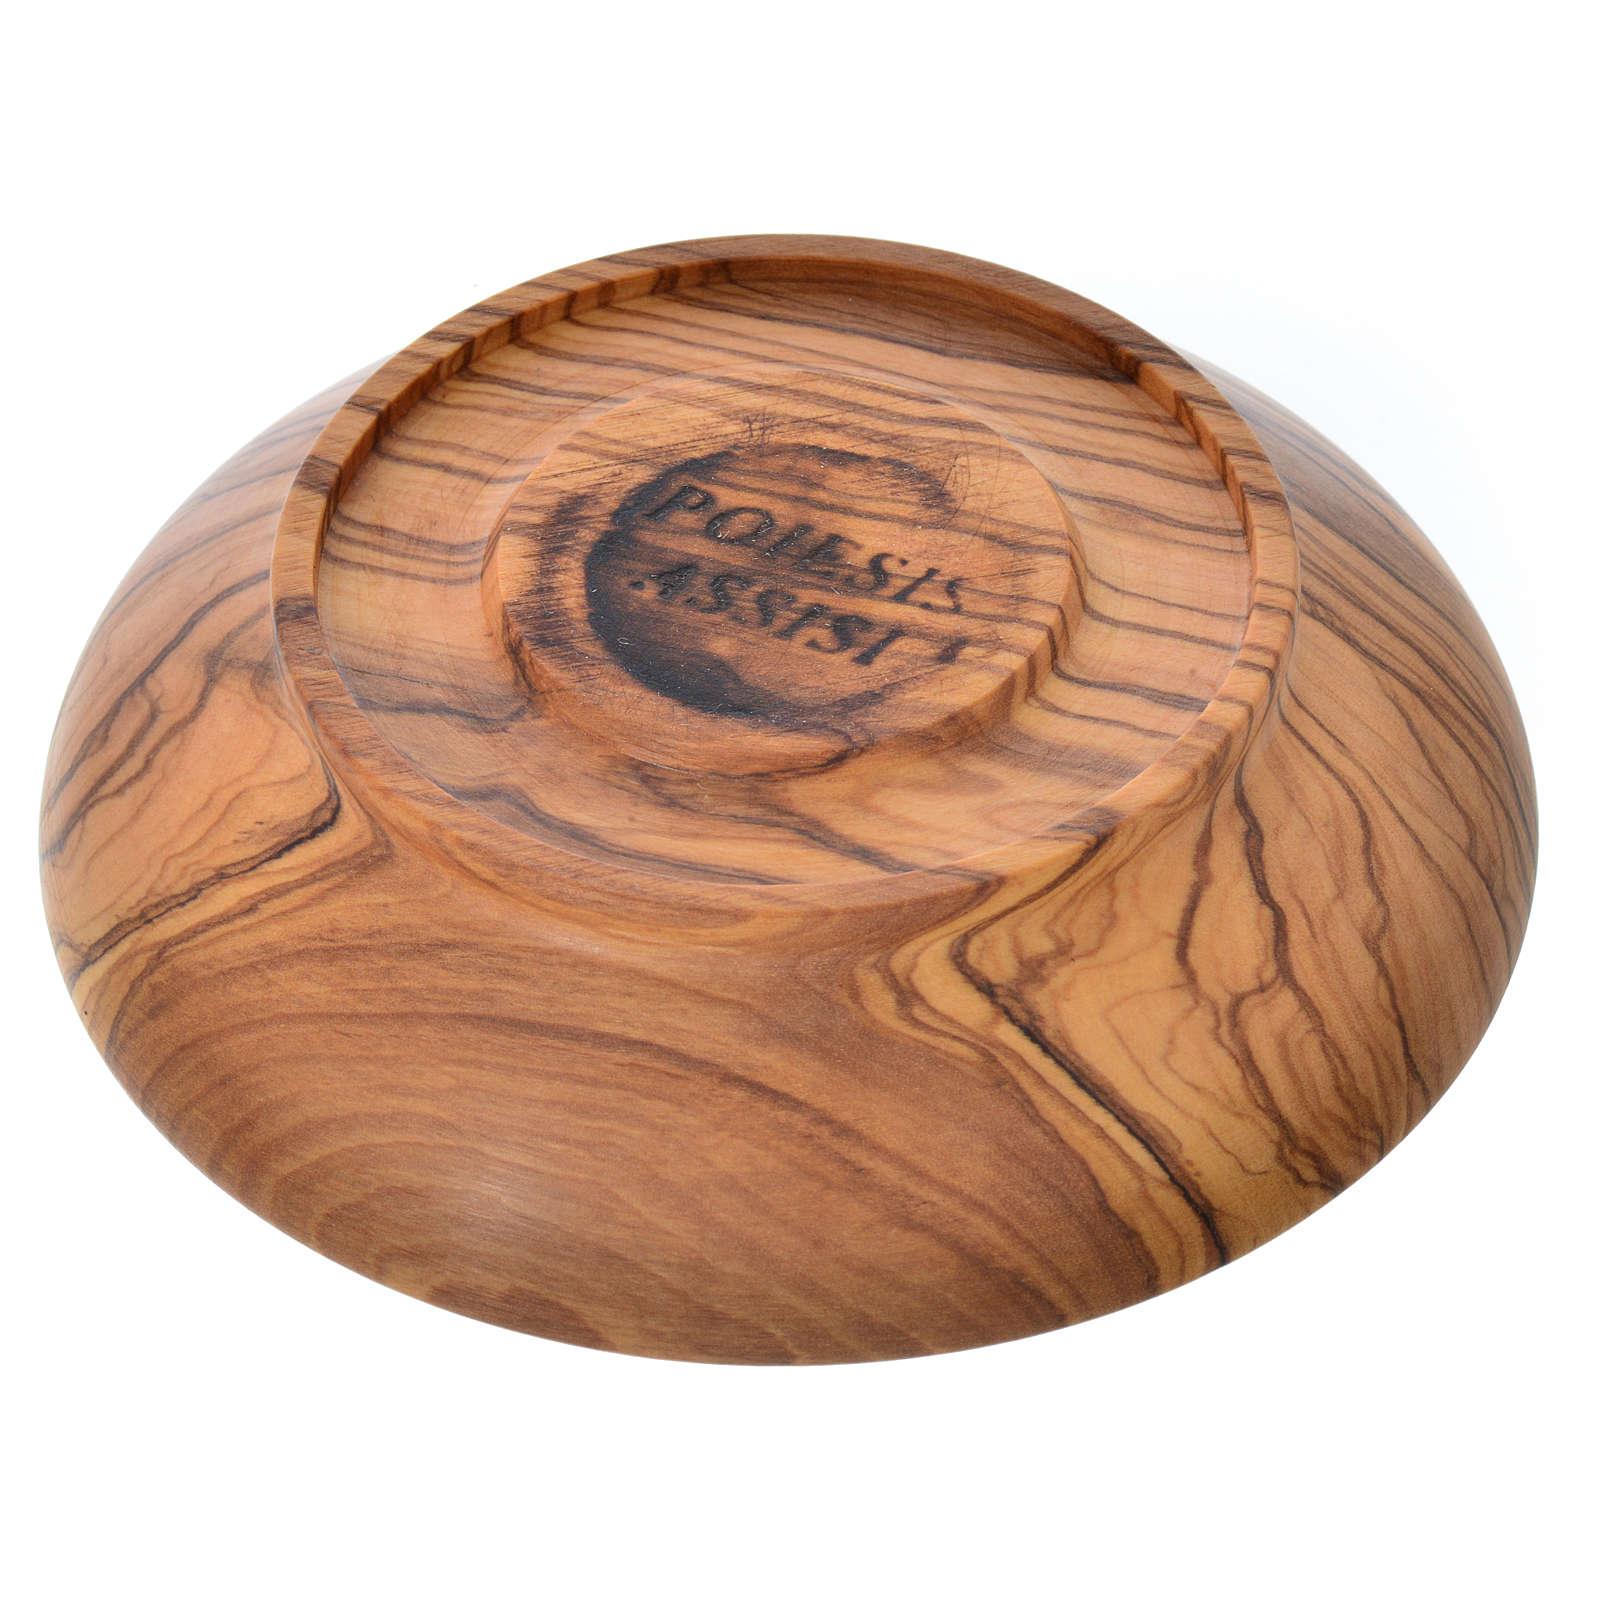 Paten in Assisi seasoned olive wood, 10.5cm diameter 4